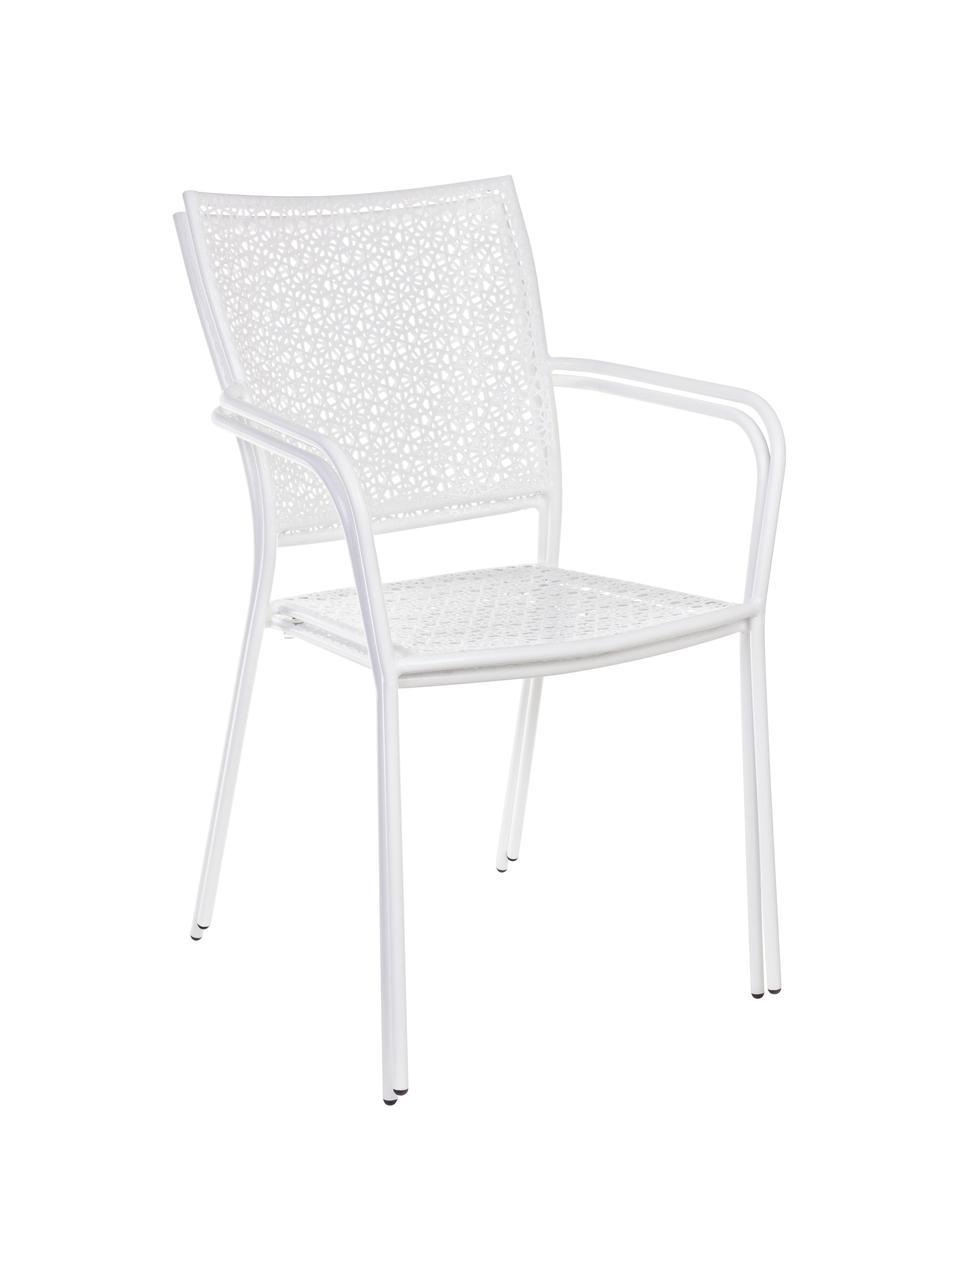 Krzesło ogrodowe z metalu z podłokietnikami Jodie, Stal pokryta proszkiem epoksydowym, Biały, 57 x 89 cm